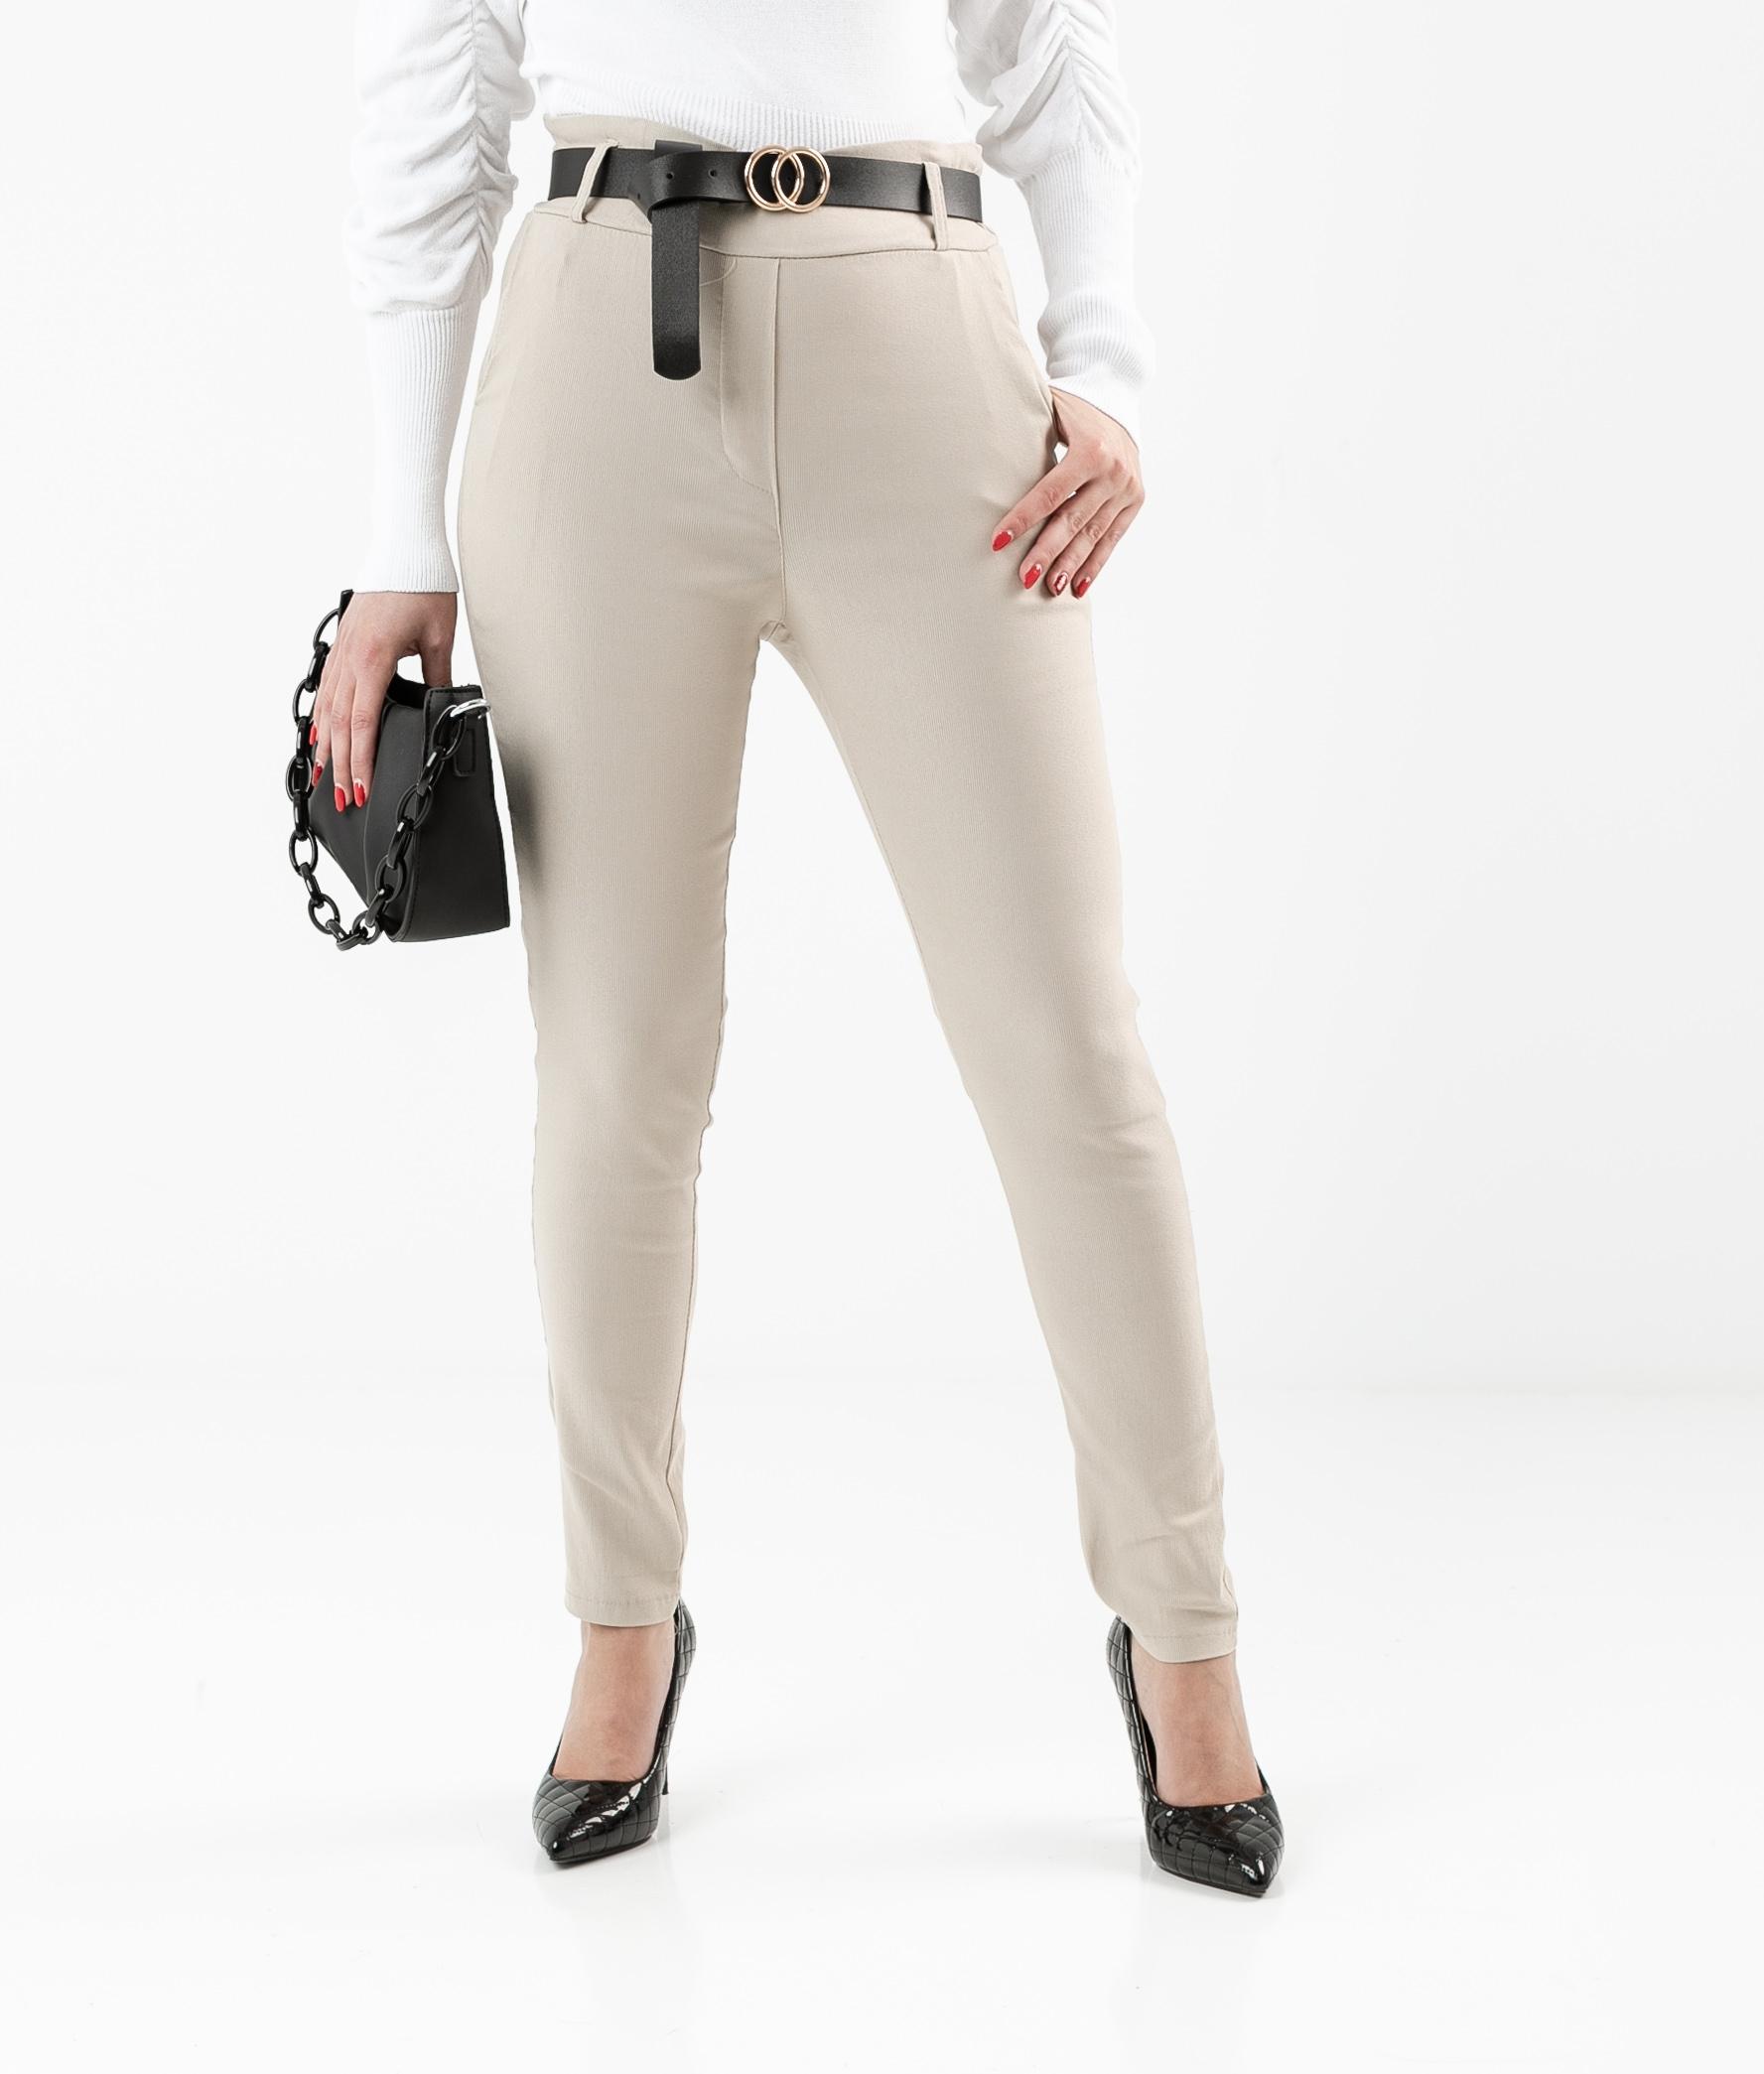 Trousers Adriel - Beige